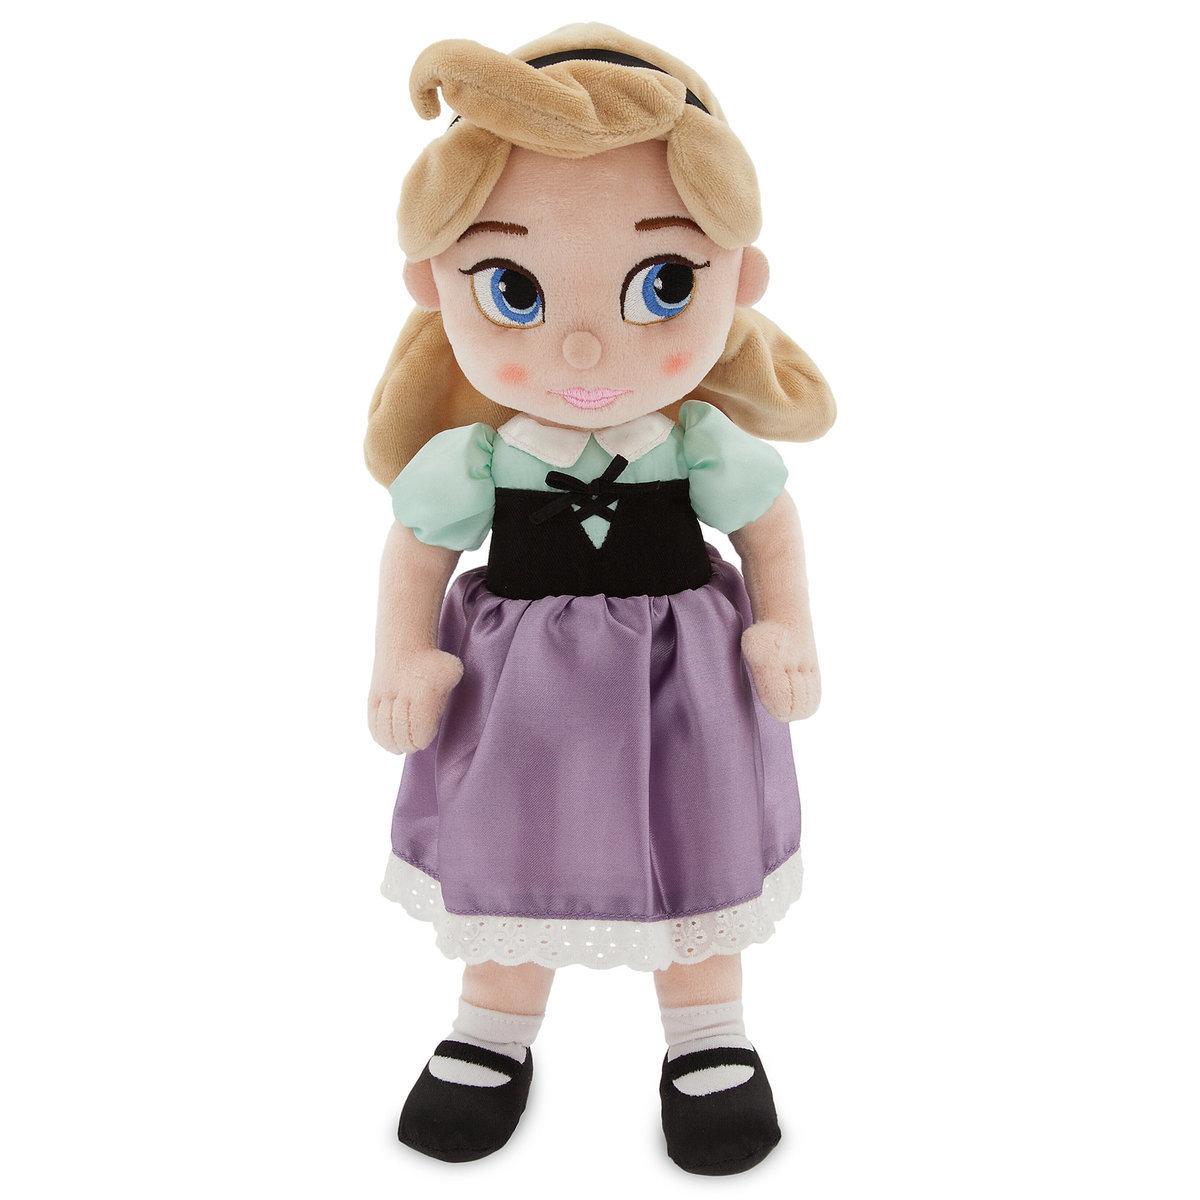 Мягкая игрушка «Спящая красавица Аврора»- Disney Animators' Collection - 32 см